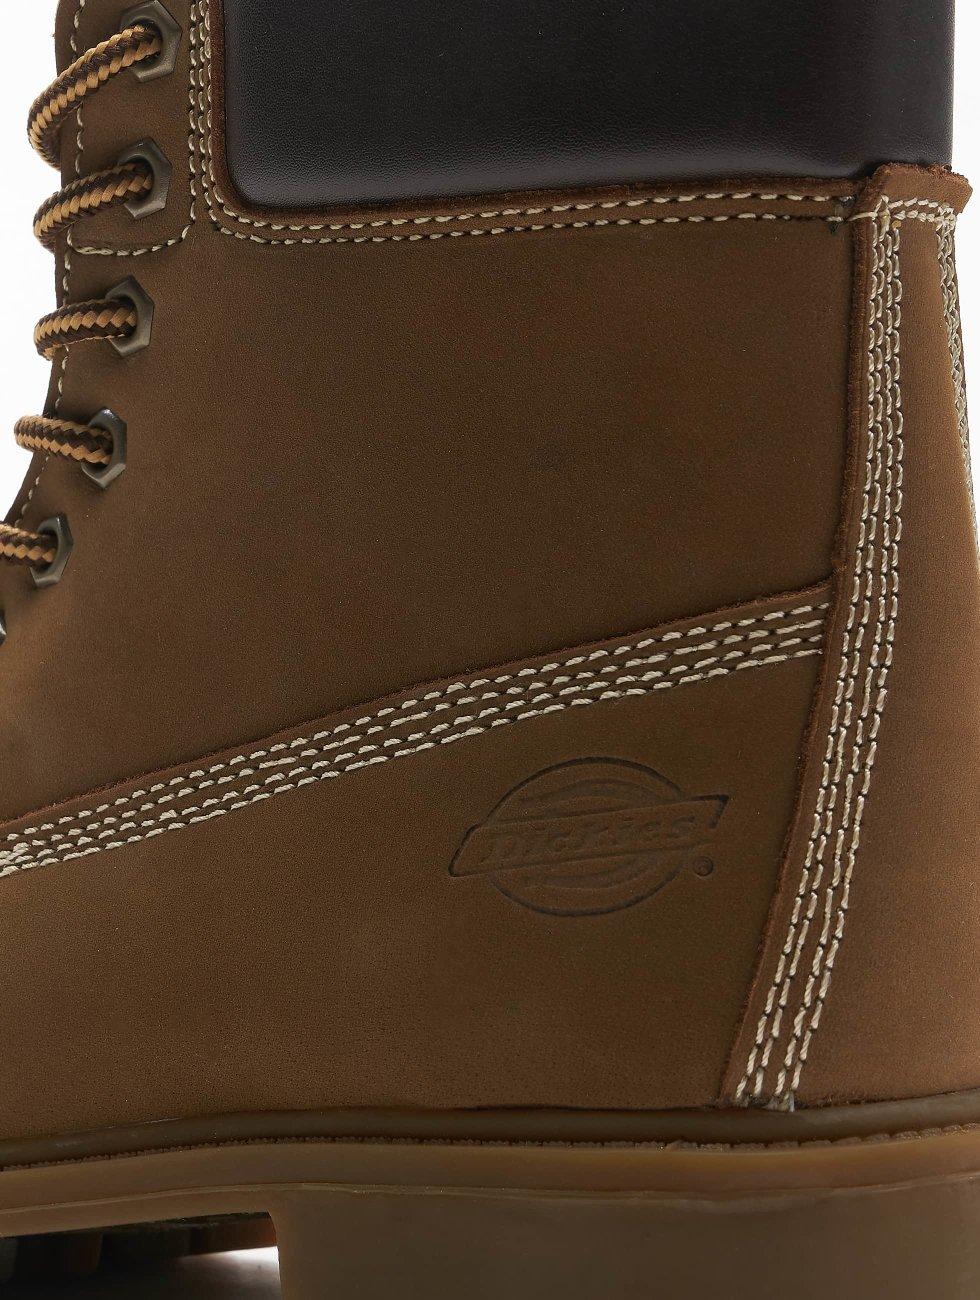 verkoop Discount Outlet Locaties Dickies schoen / Boots Fort Worth in bruin 192175 echt LreYlUB